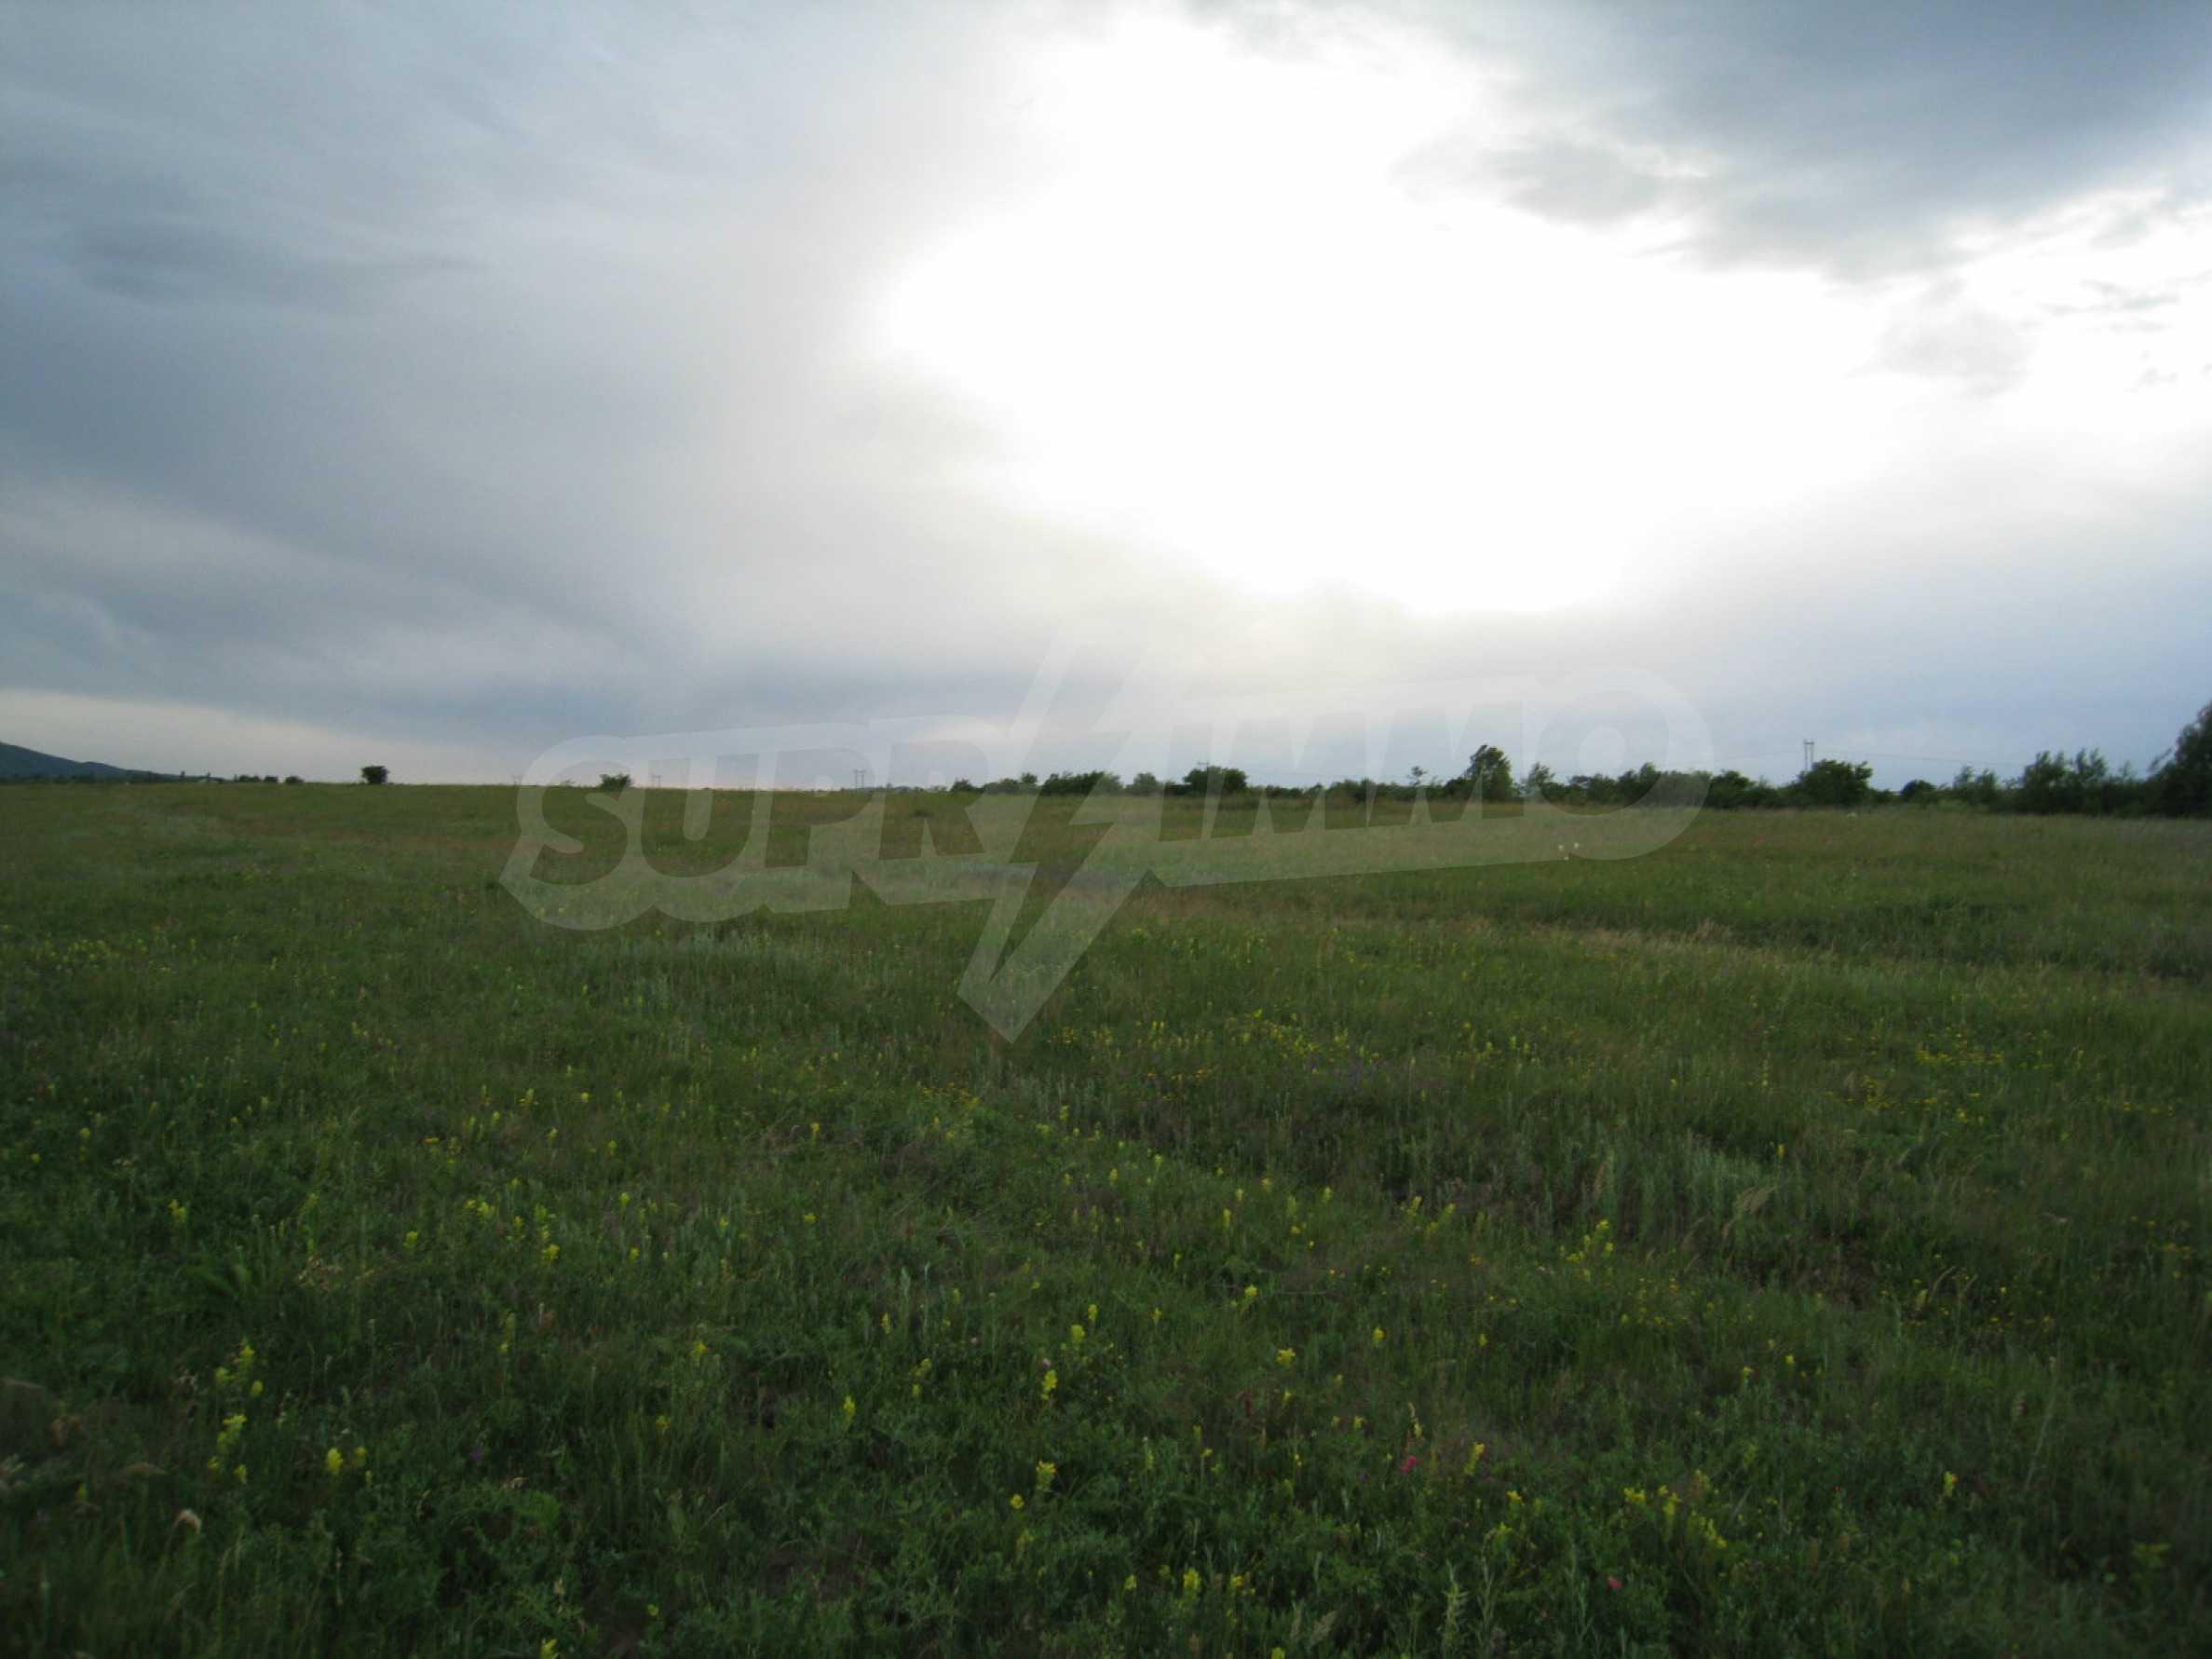 Ackerland in der Nähe eines Sees in Suhodol 1